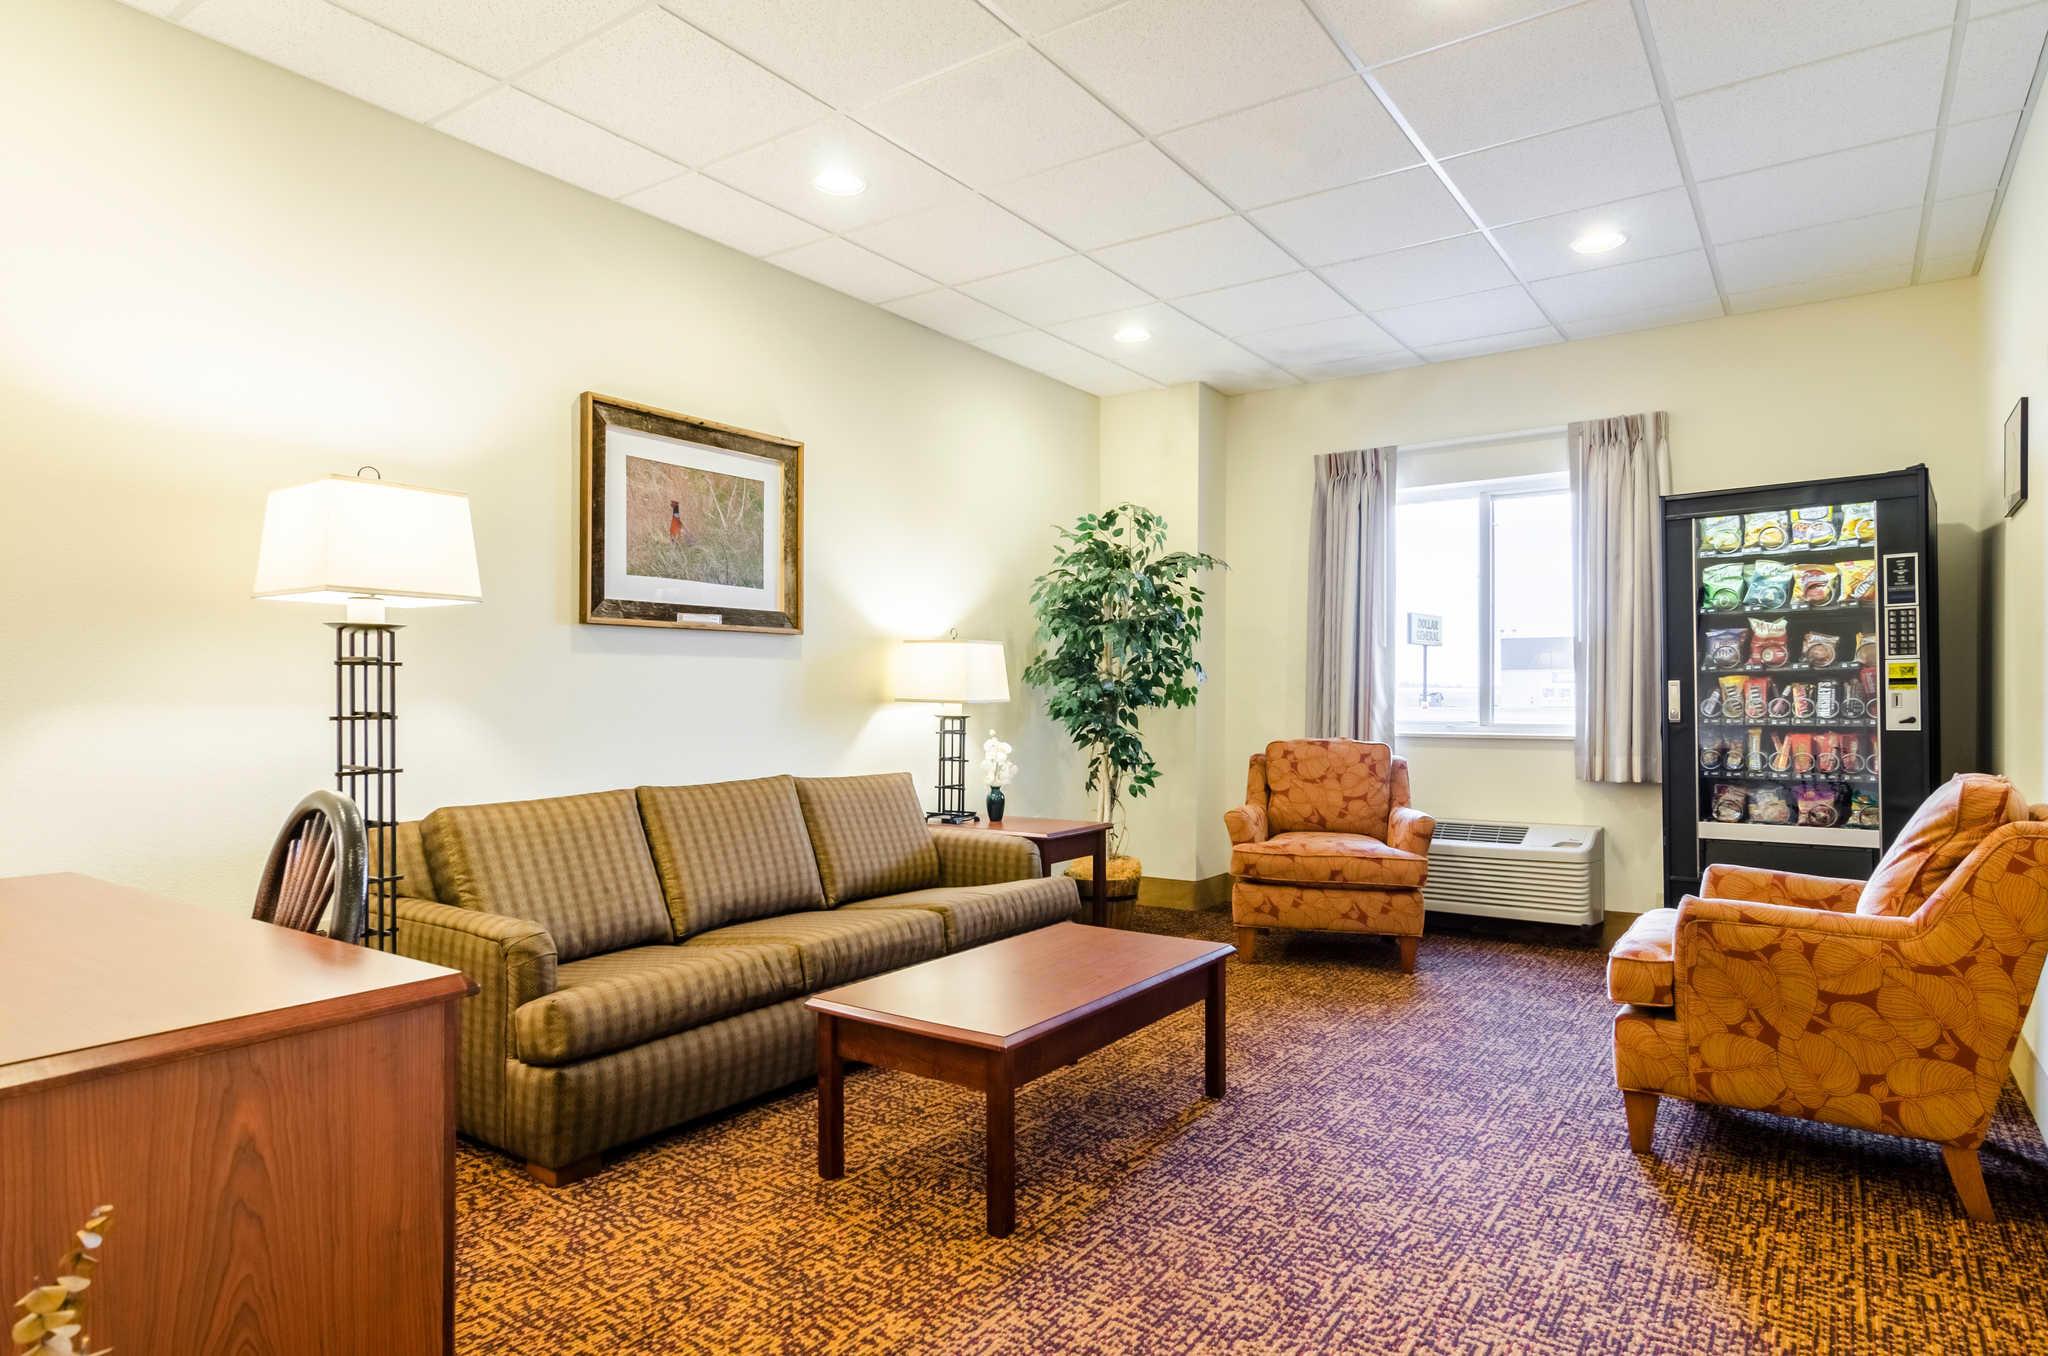 Rodeway Inn & Suites image 6